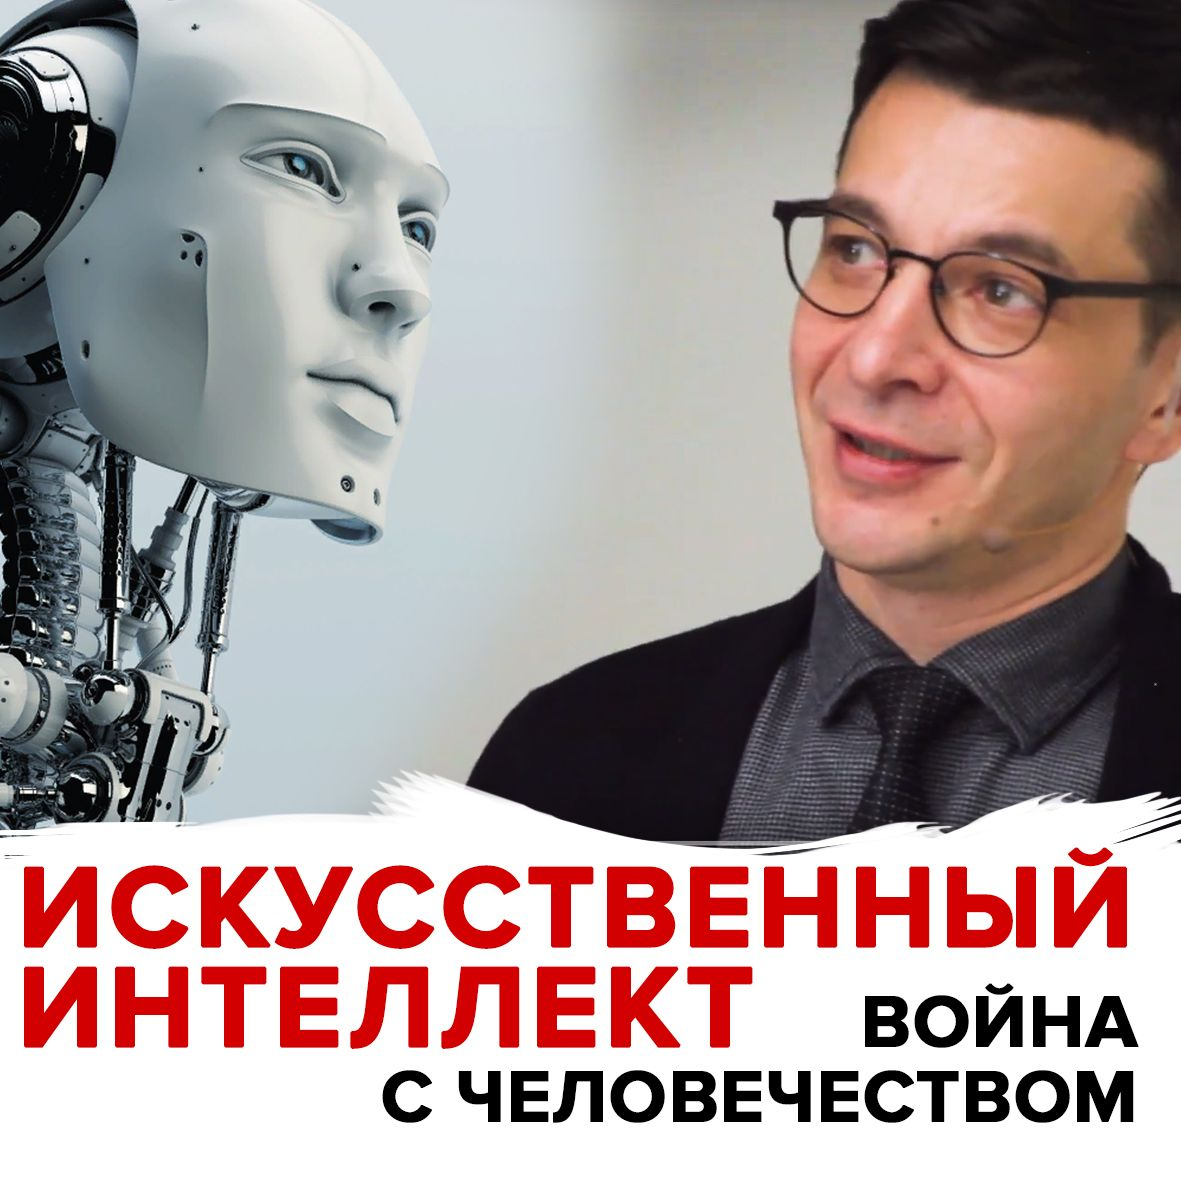 Угроза искусственного интеллекта